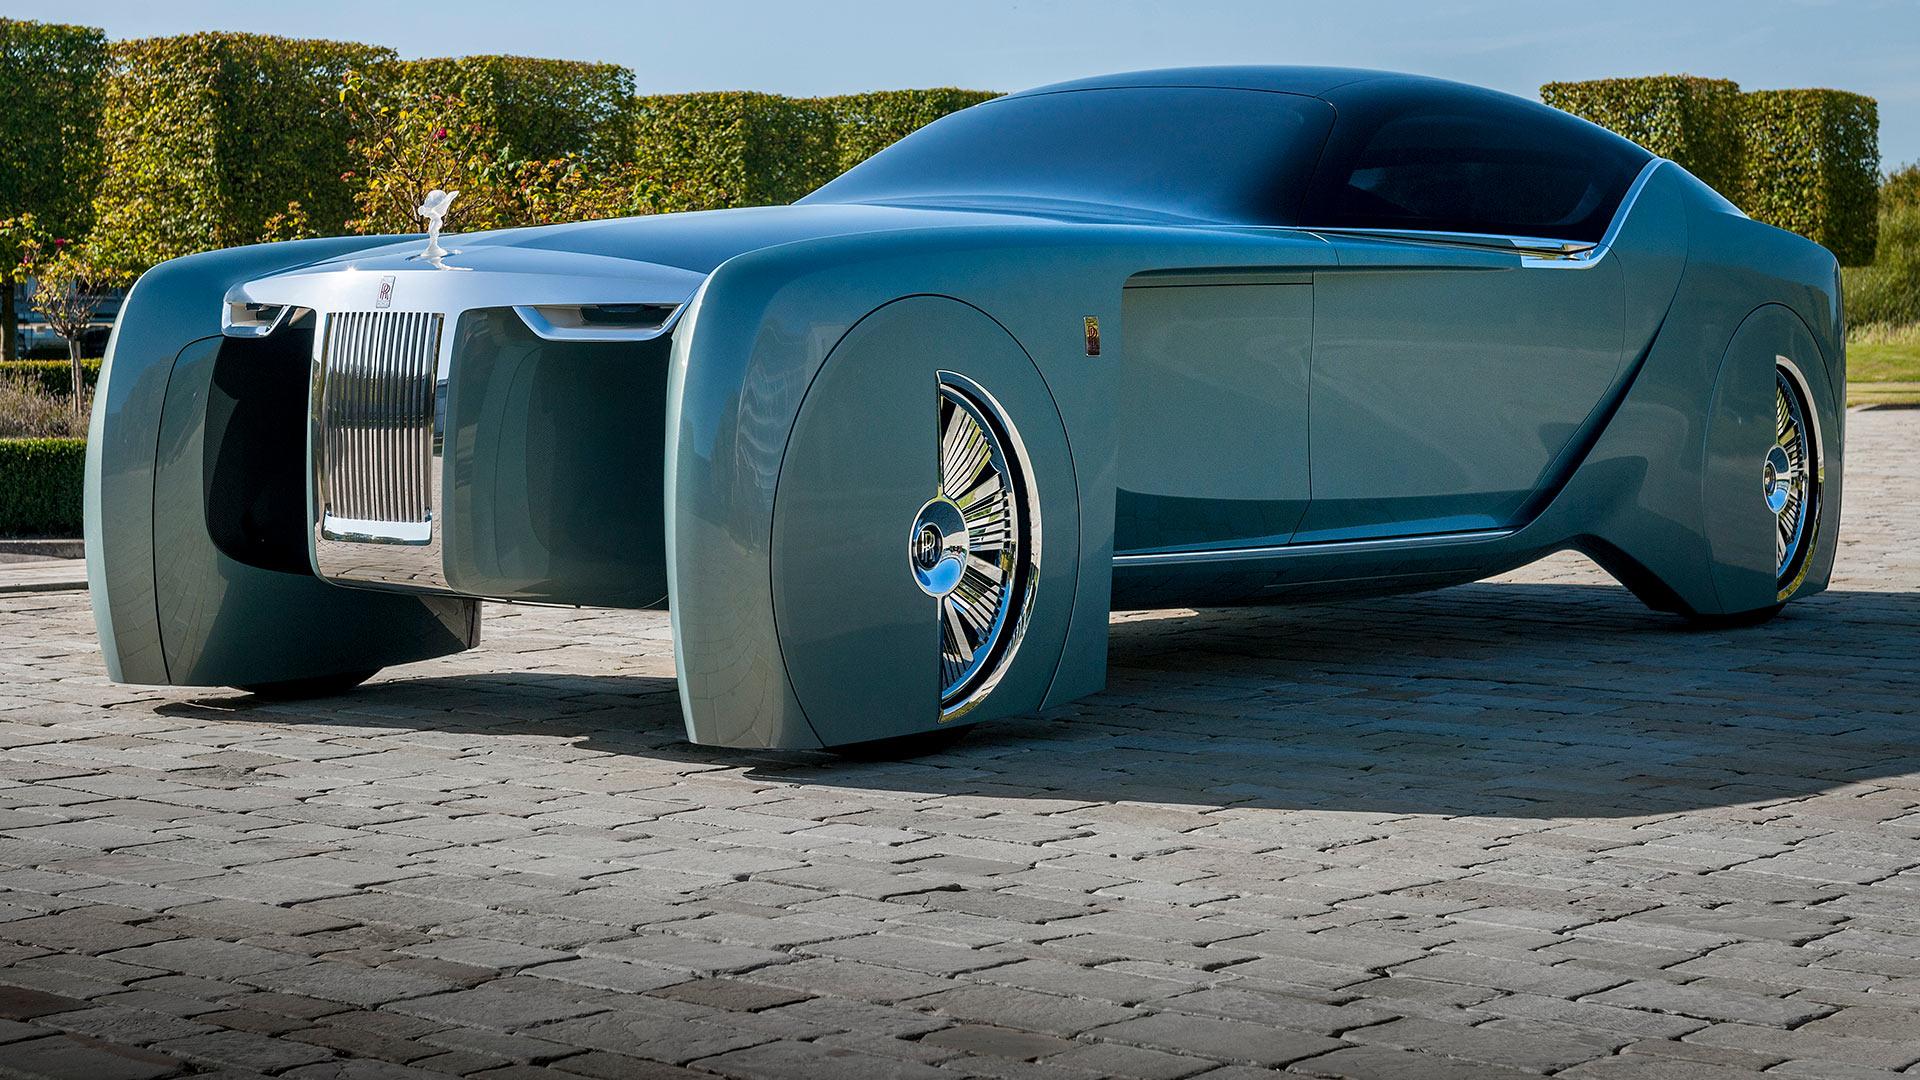 Vì sao xe Rolls Royce đắt đỏ bậc nhất thế giới?